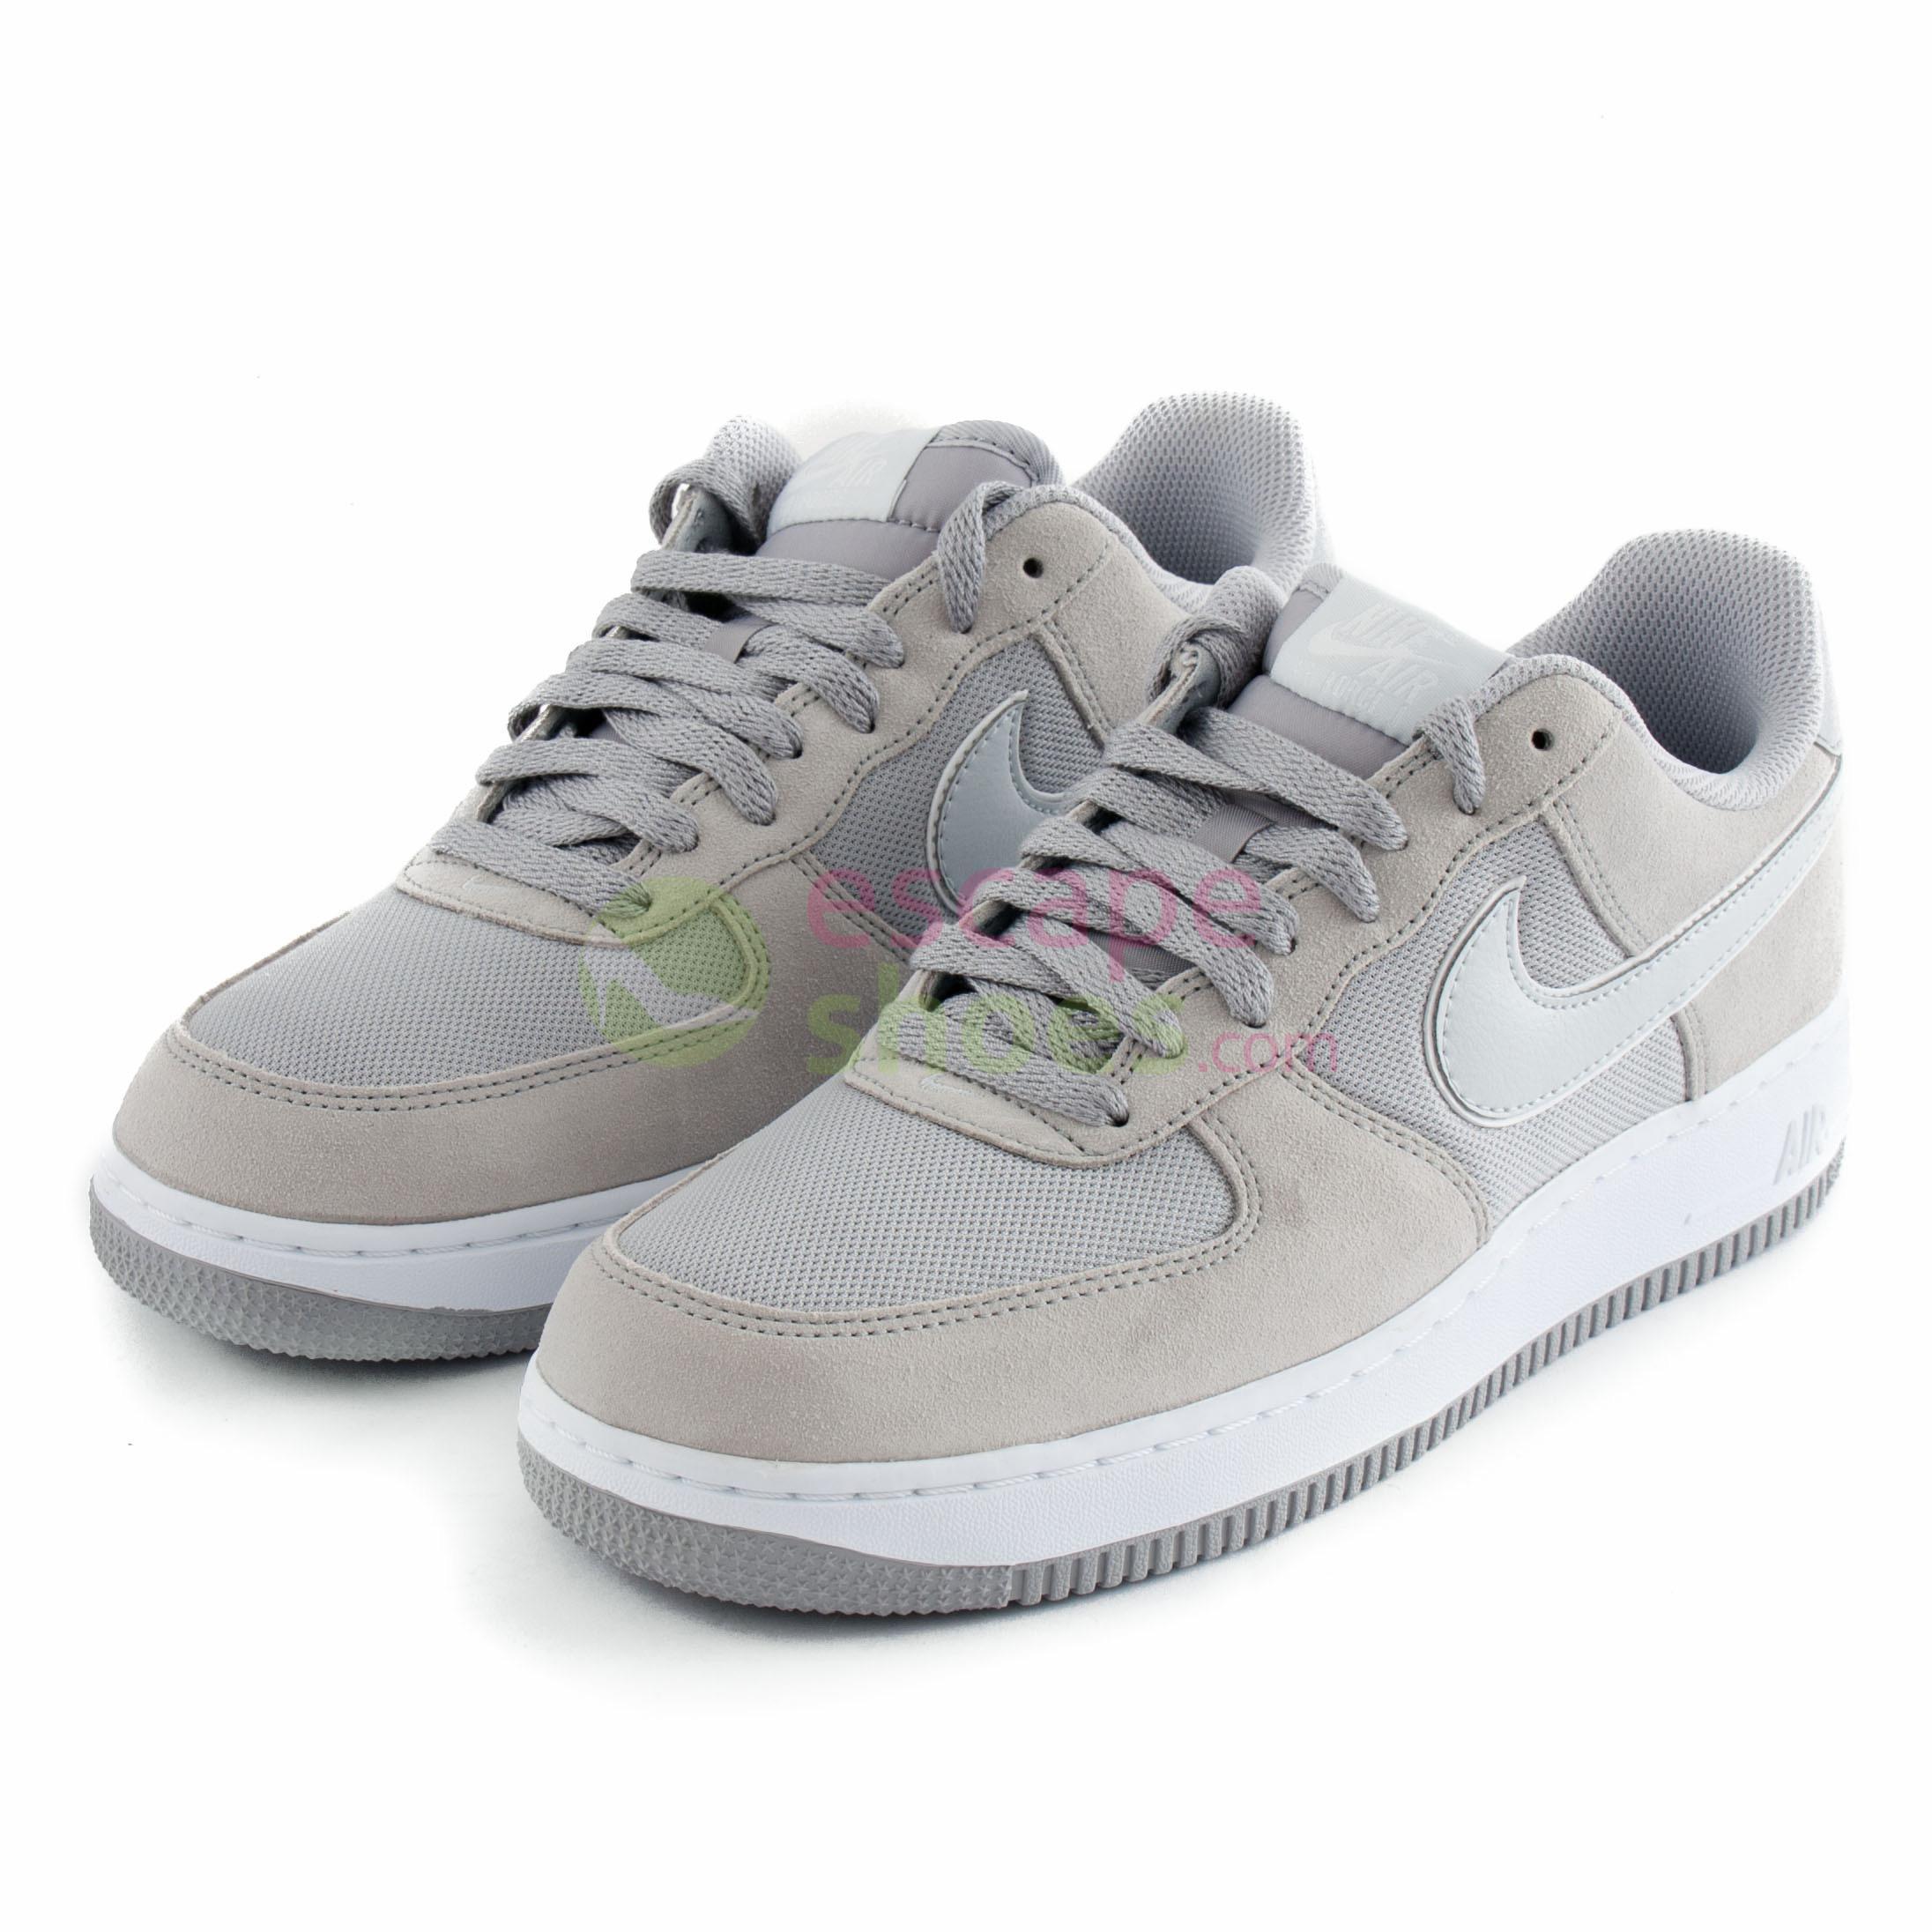 Comprar Nike Air Force 1 Baratas Sapatilhas Nike Air Force